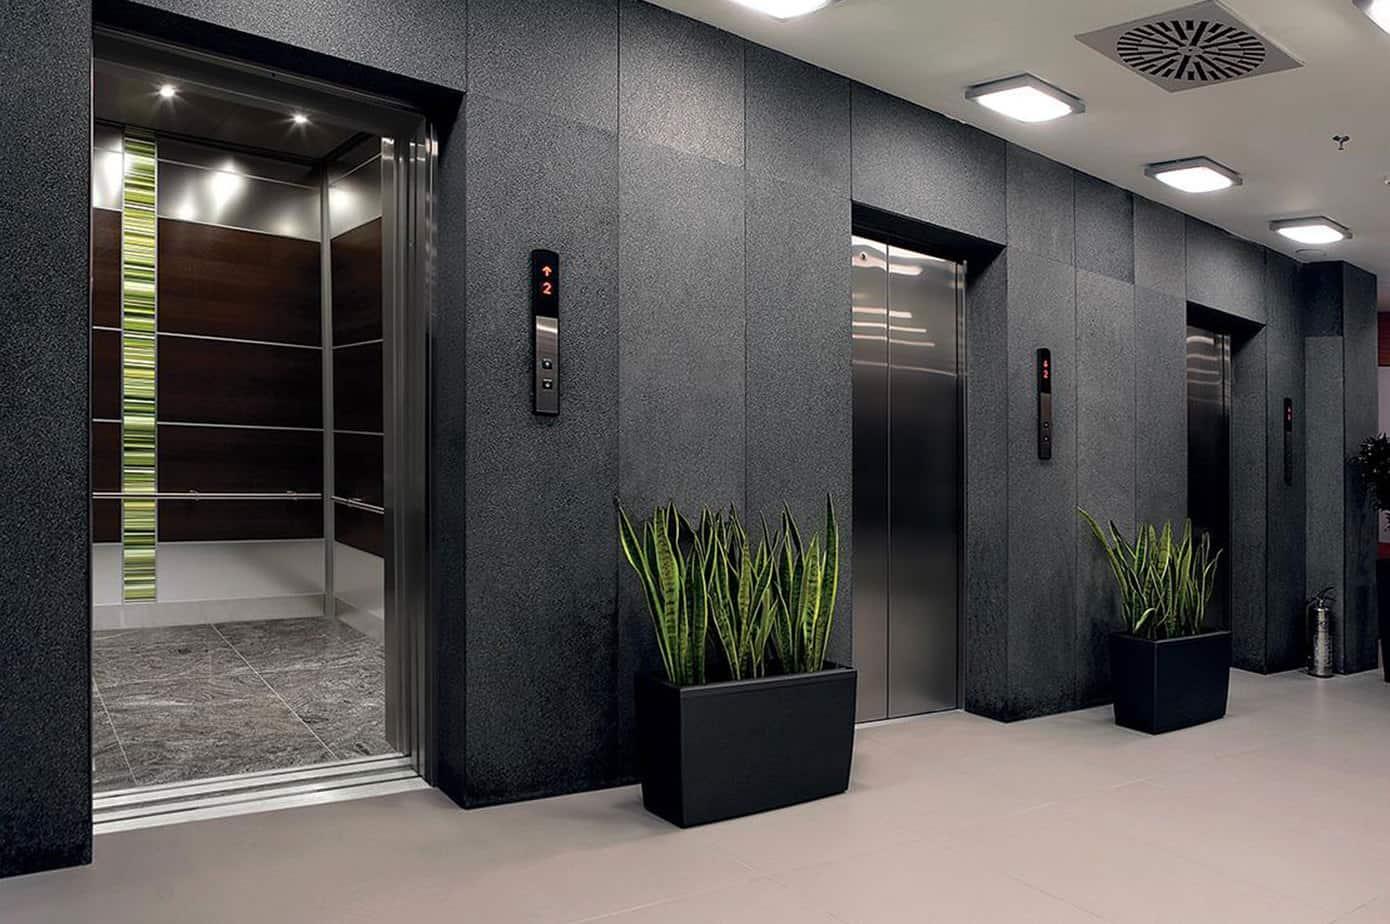 Tiêu chuẩn thang máy chung cư là gì?